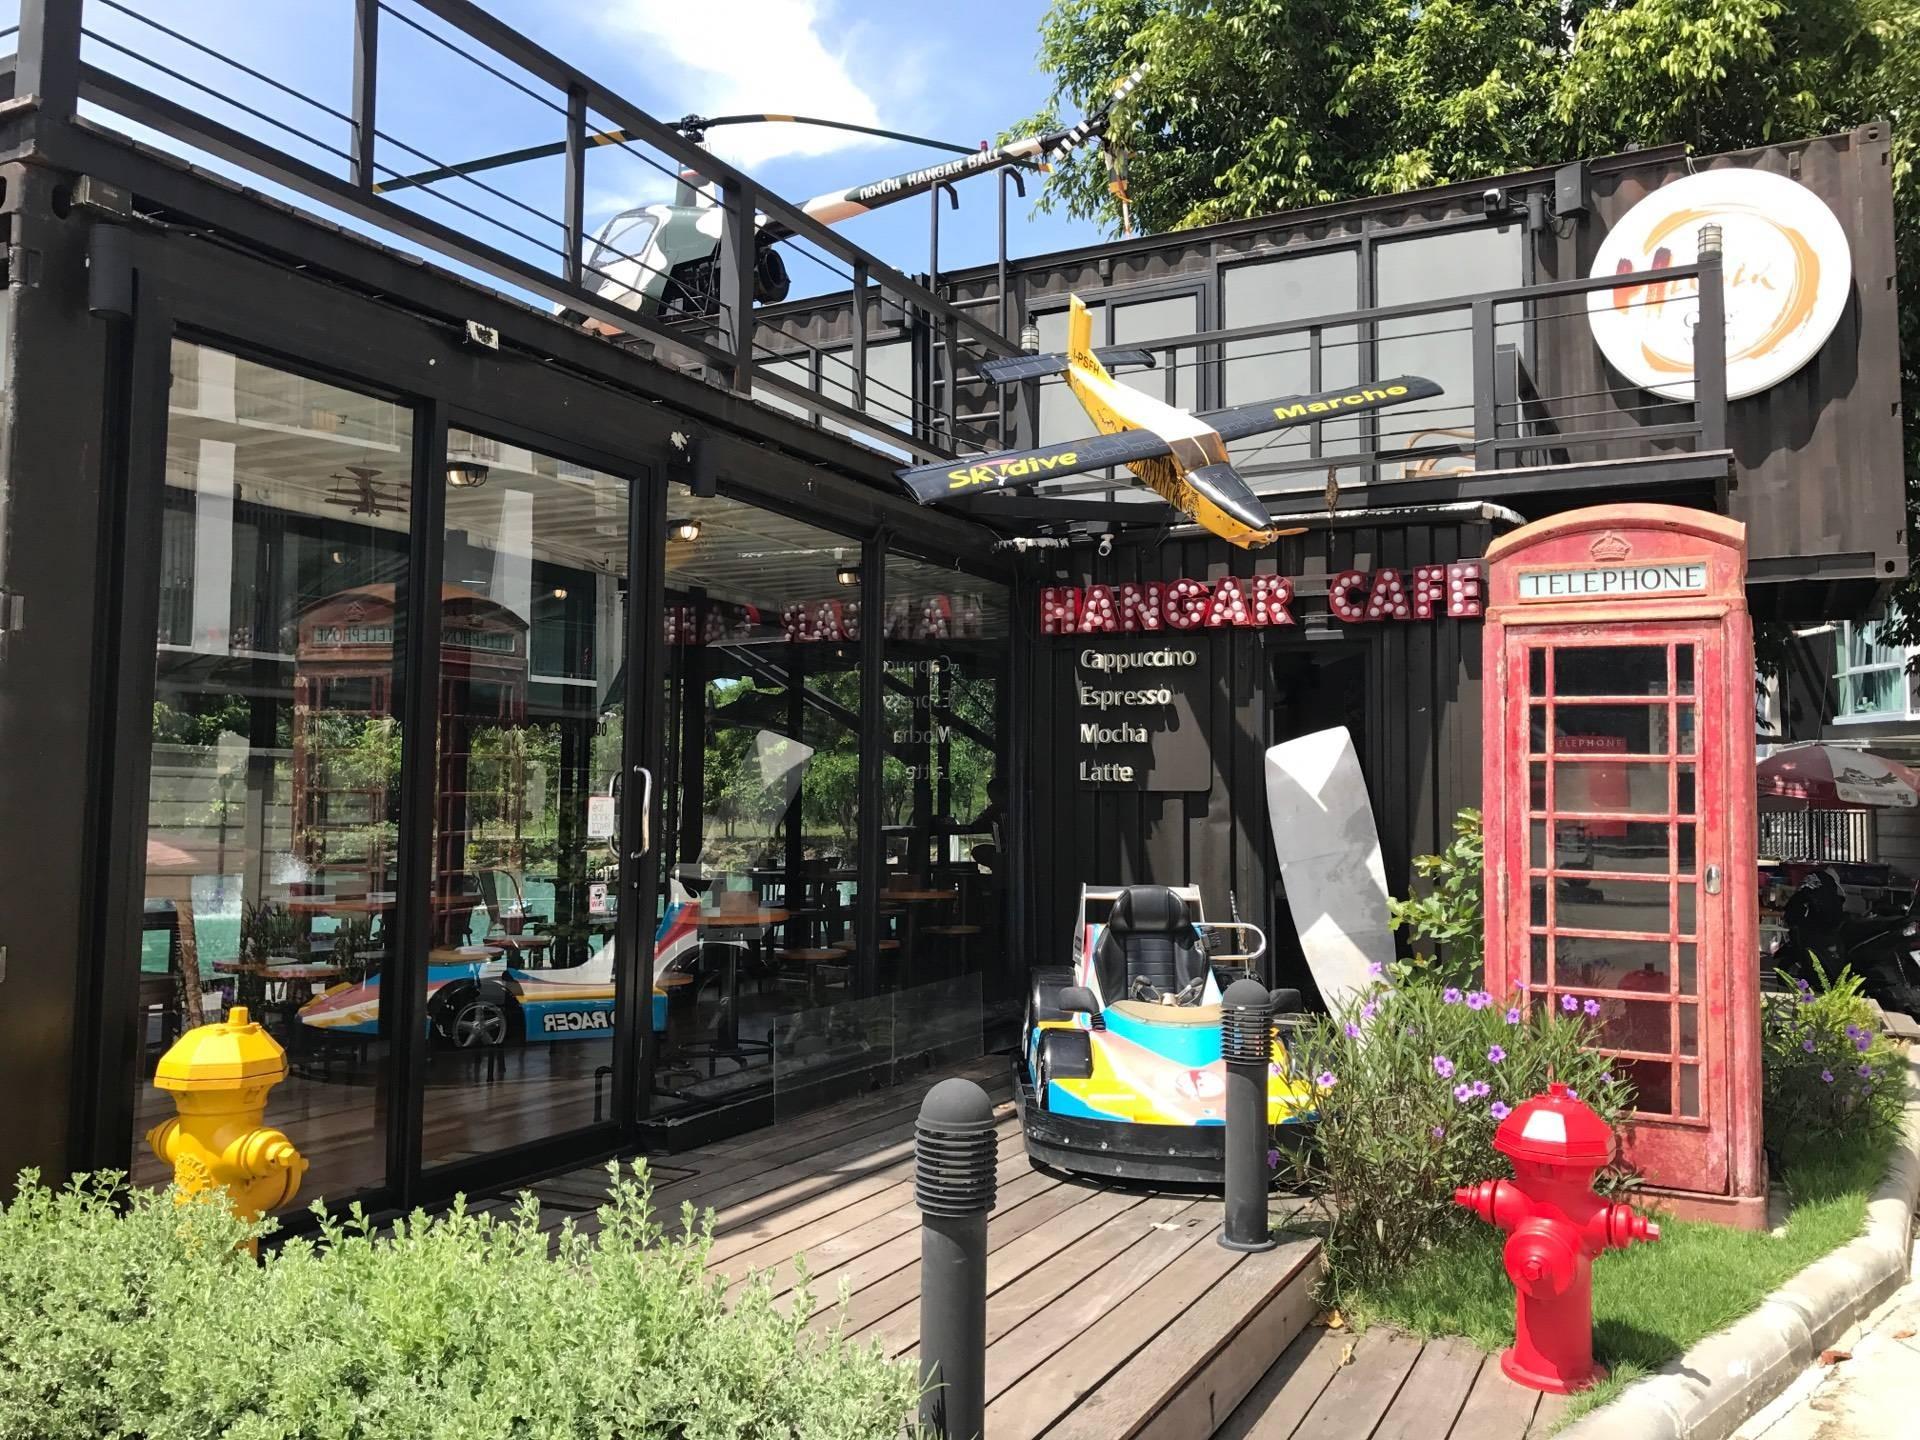 Hangar Cafe'